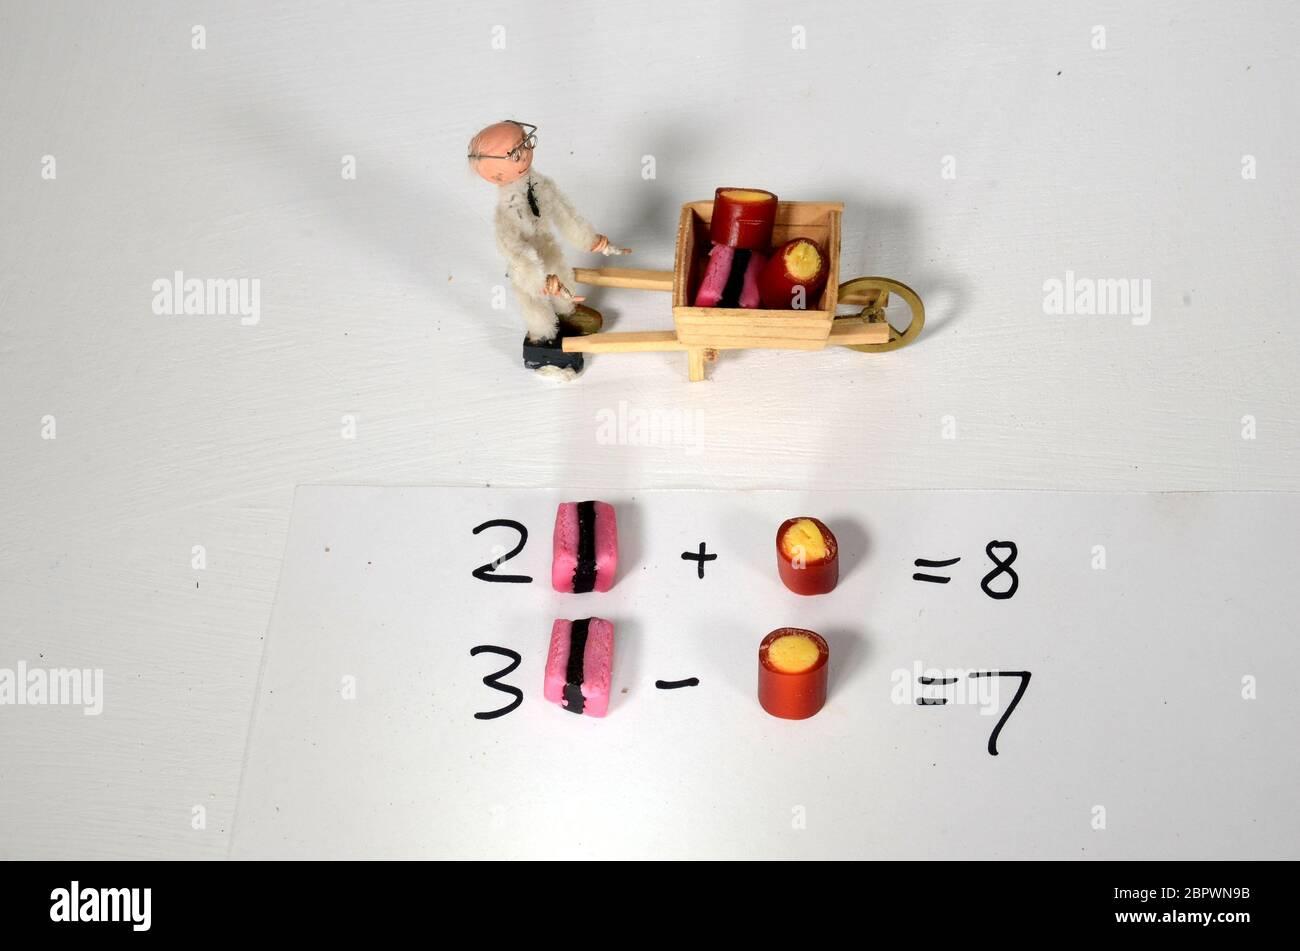 Configuración con presentación gráfica de dos ecuaciones con dos desconocidas, utilizando objetos como valor desconocido Foto de stock